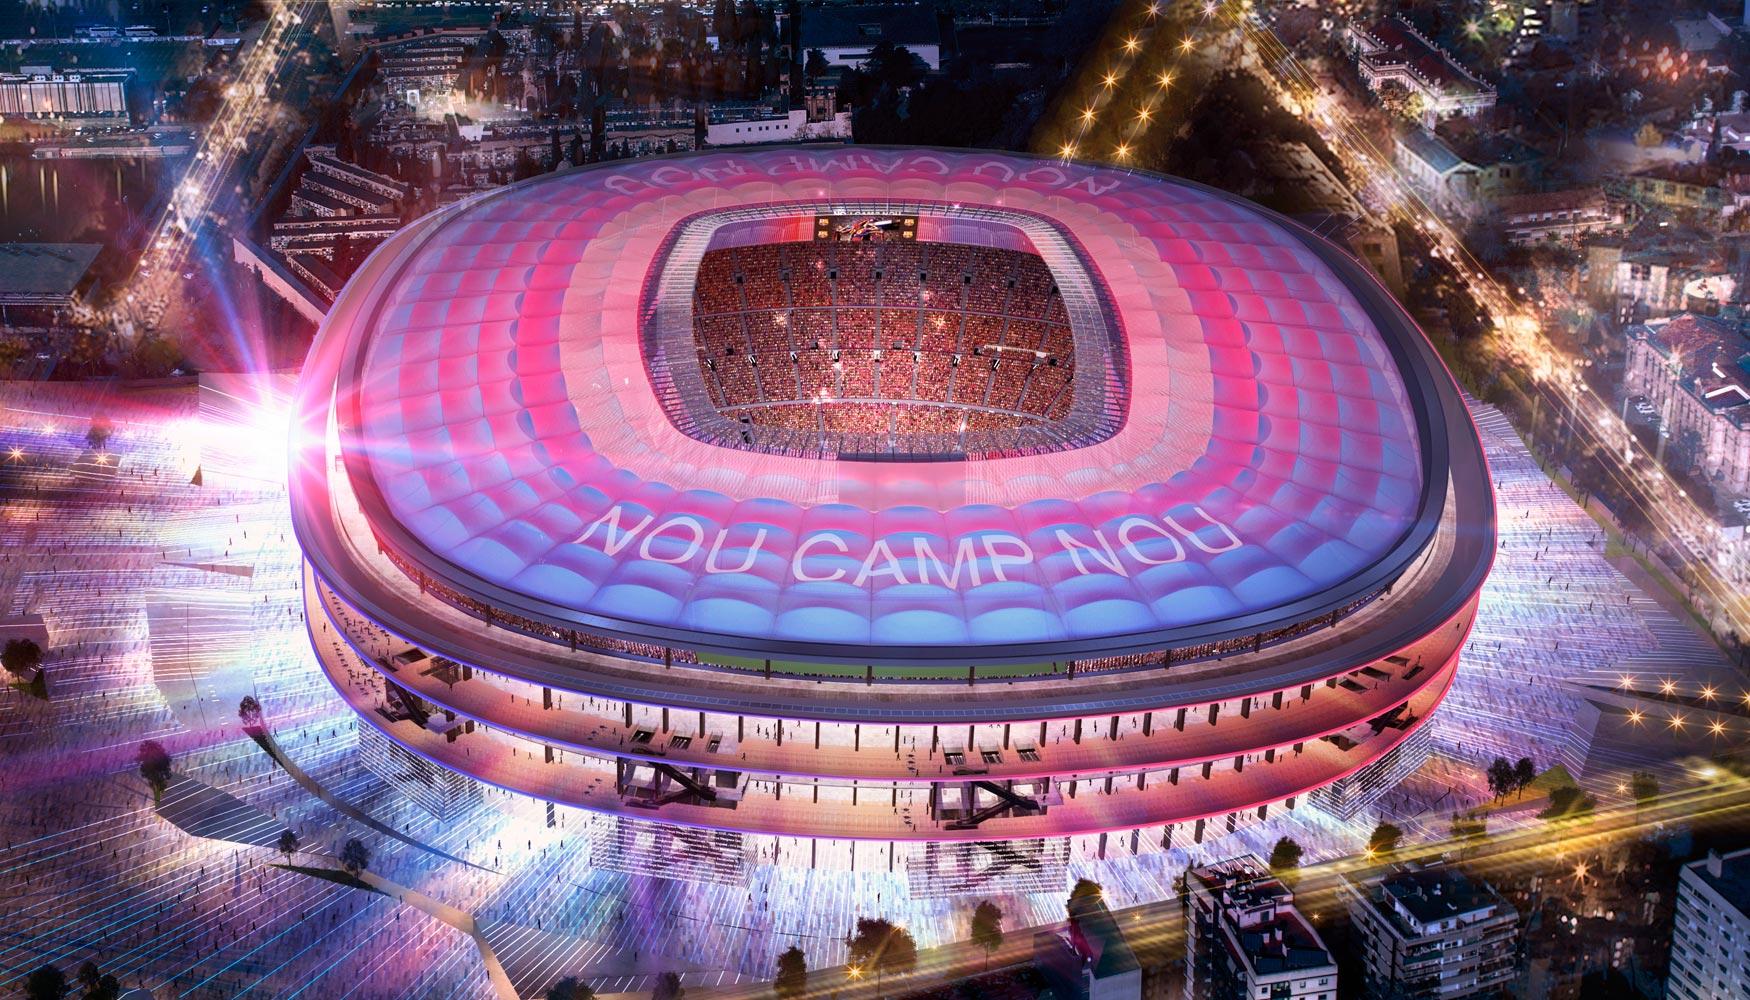 Aprobaron el proyecto Espai Barça y costará 600 millones de euros